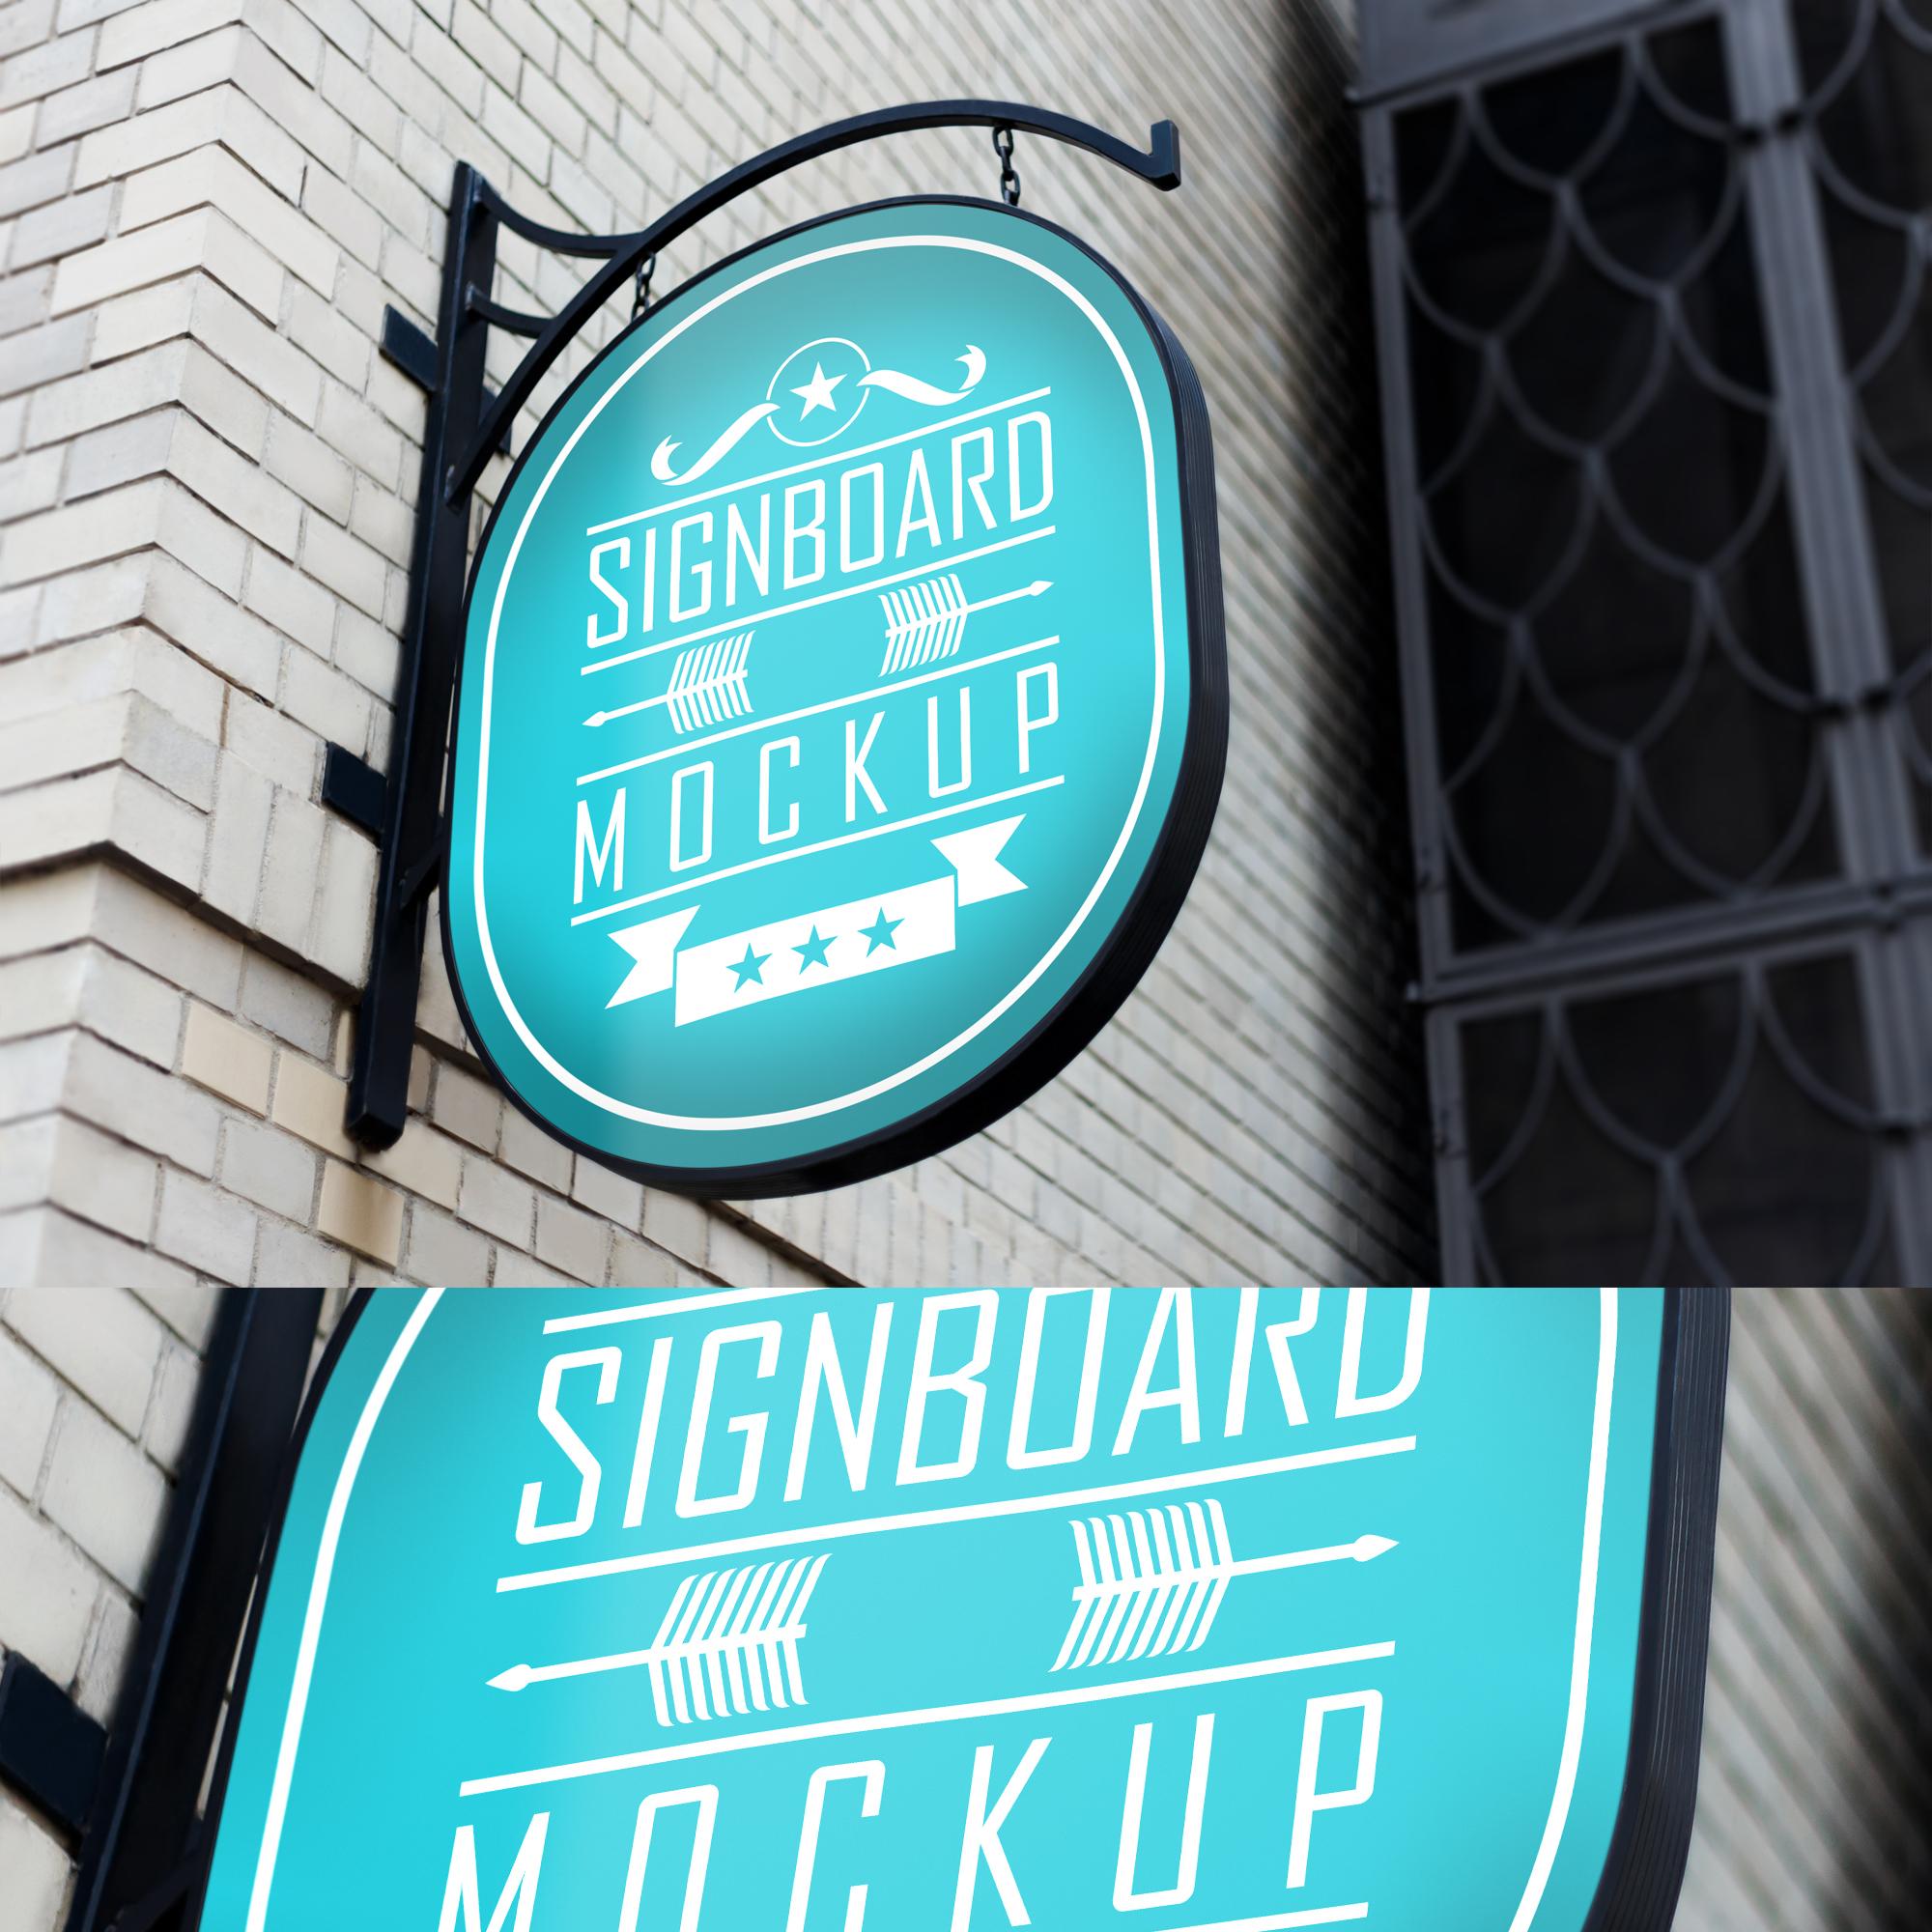 6款霓虹灯效果招牌设计展示智能贴图样机 6 Neon Signboard Mockups插图(5)